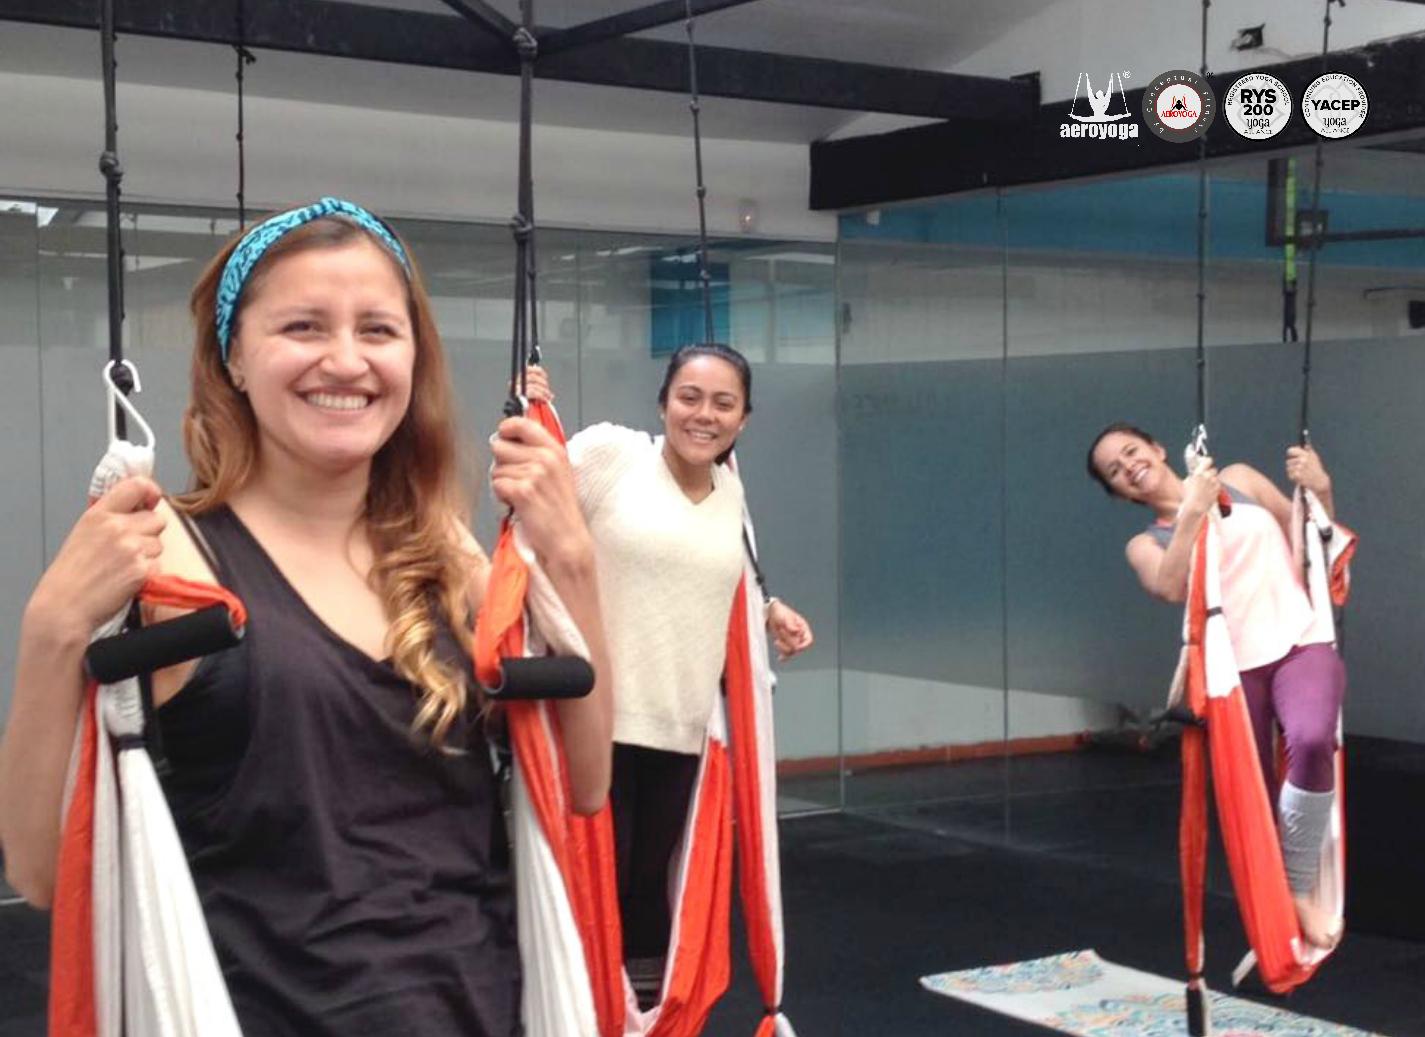 Yoga Aéreo Colombia! regresó a Bogotá la Formación Profesores Aero Yoga International